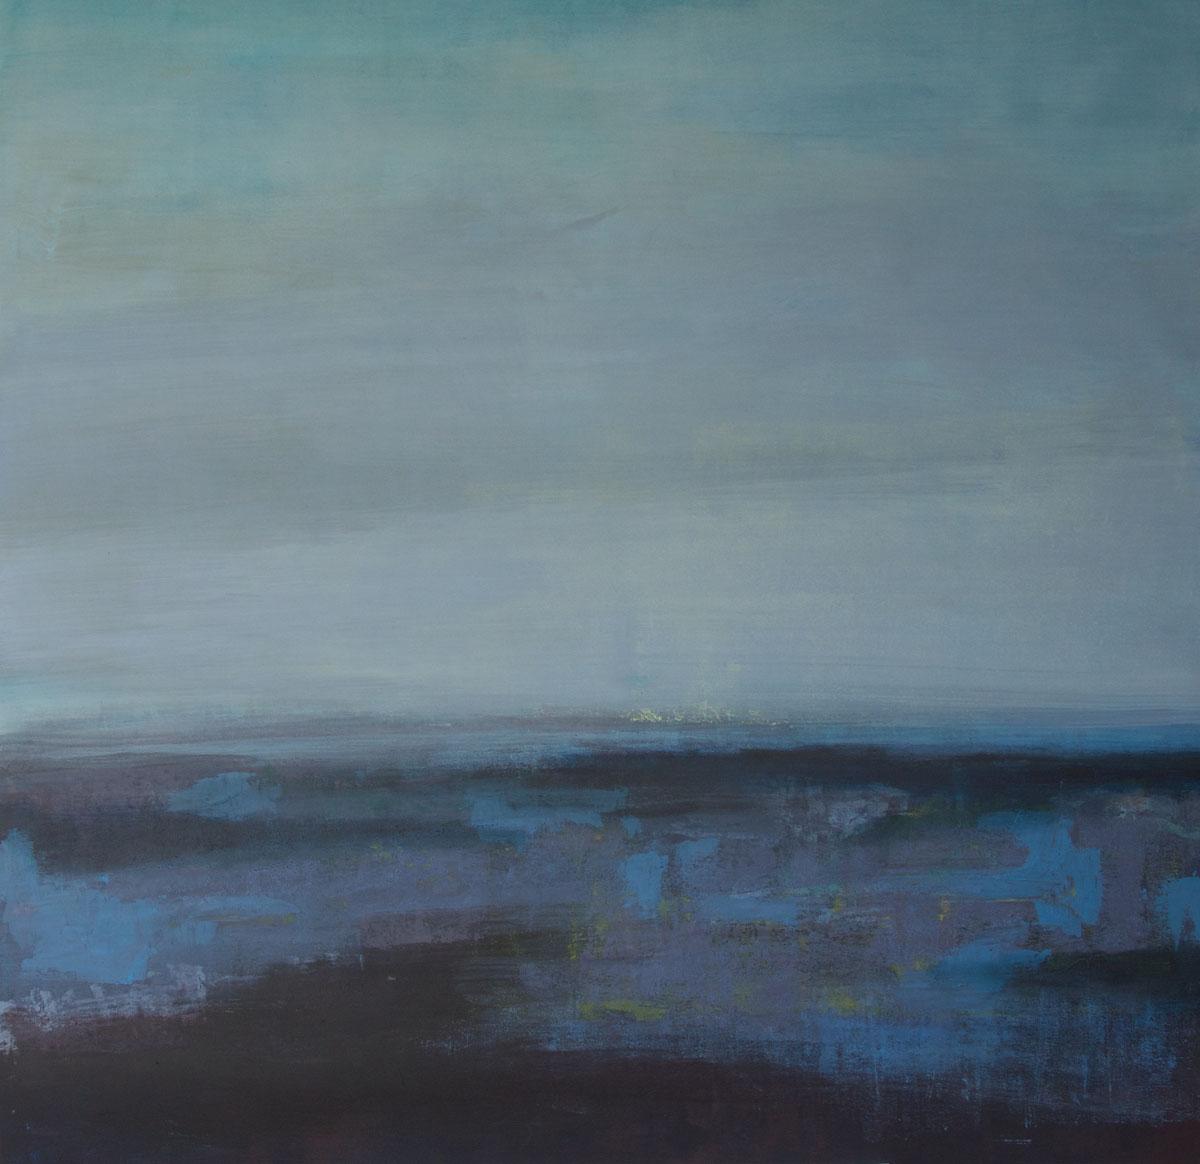 ohne Titel, Acryl, 110 x 110 cm, 2015